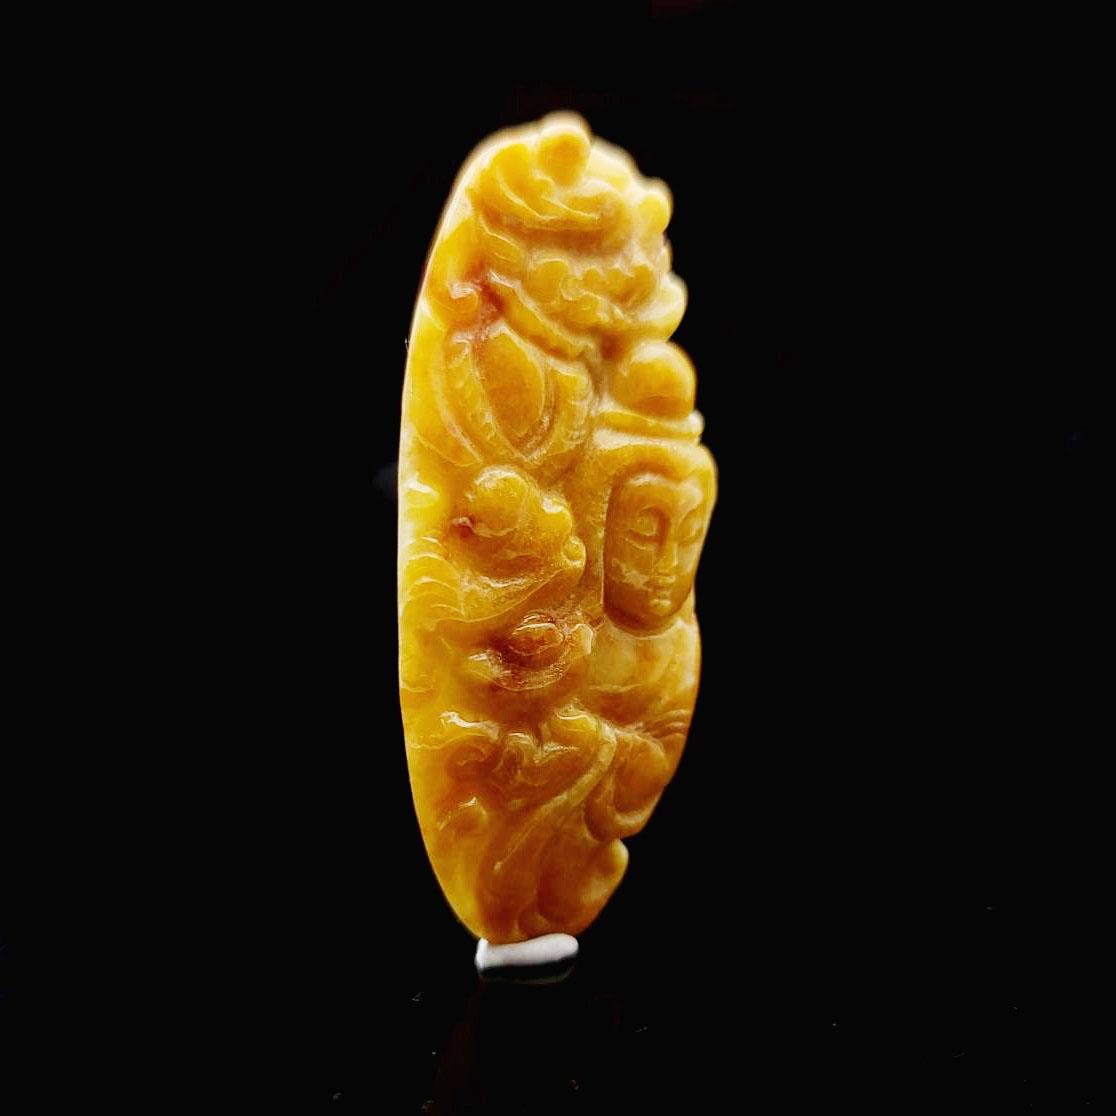 圖示-翡翠/觀音蜜糖黃翡吊墜(Jadeite Pendant)